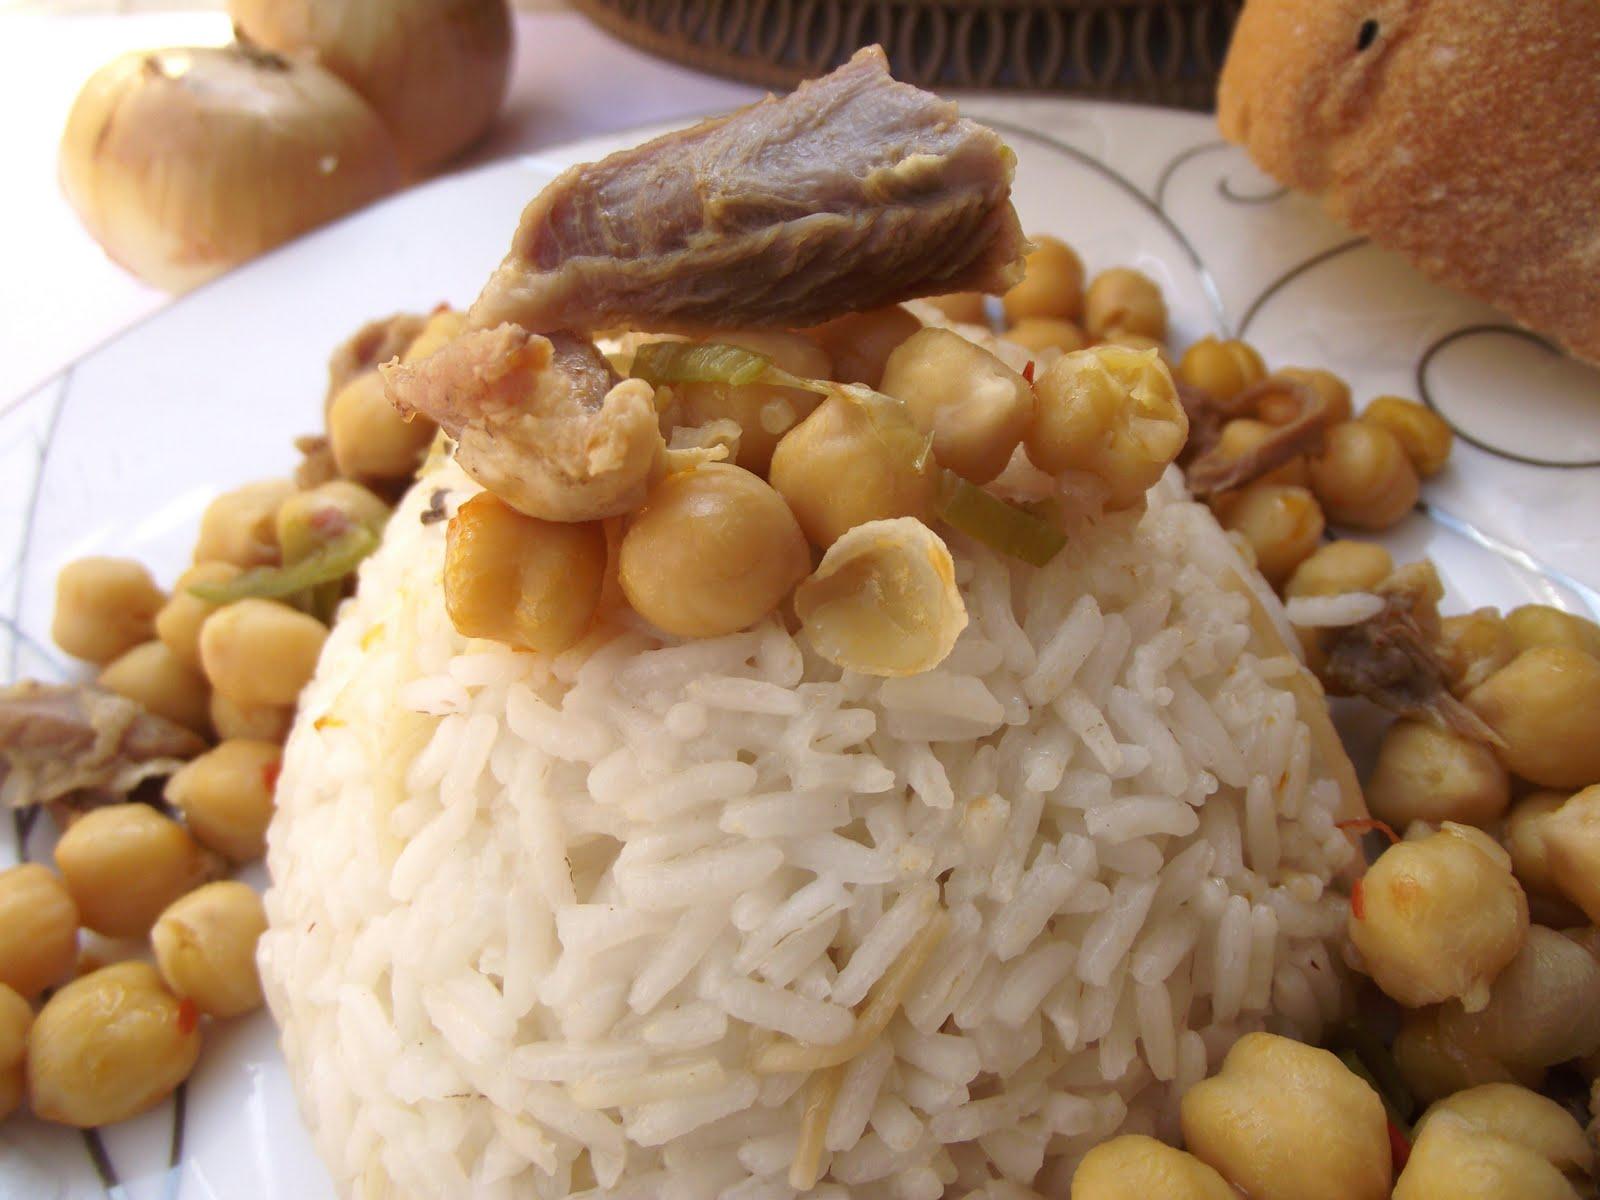 Zeytin, Bakliyat Yemekleri, Sucuk, Peynir, Kaşar Resimleri